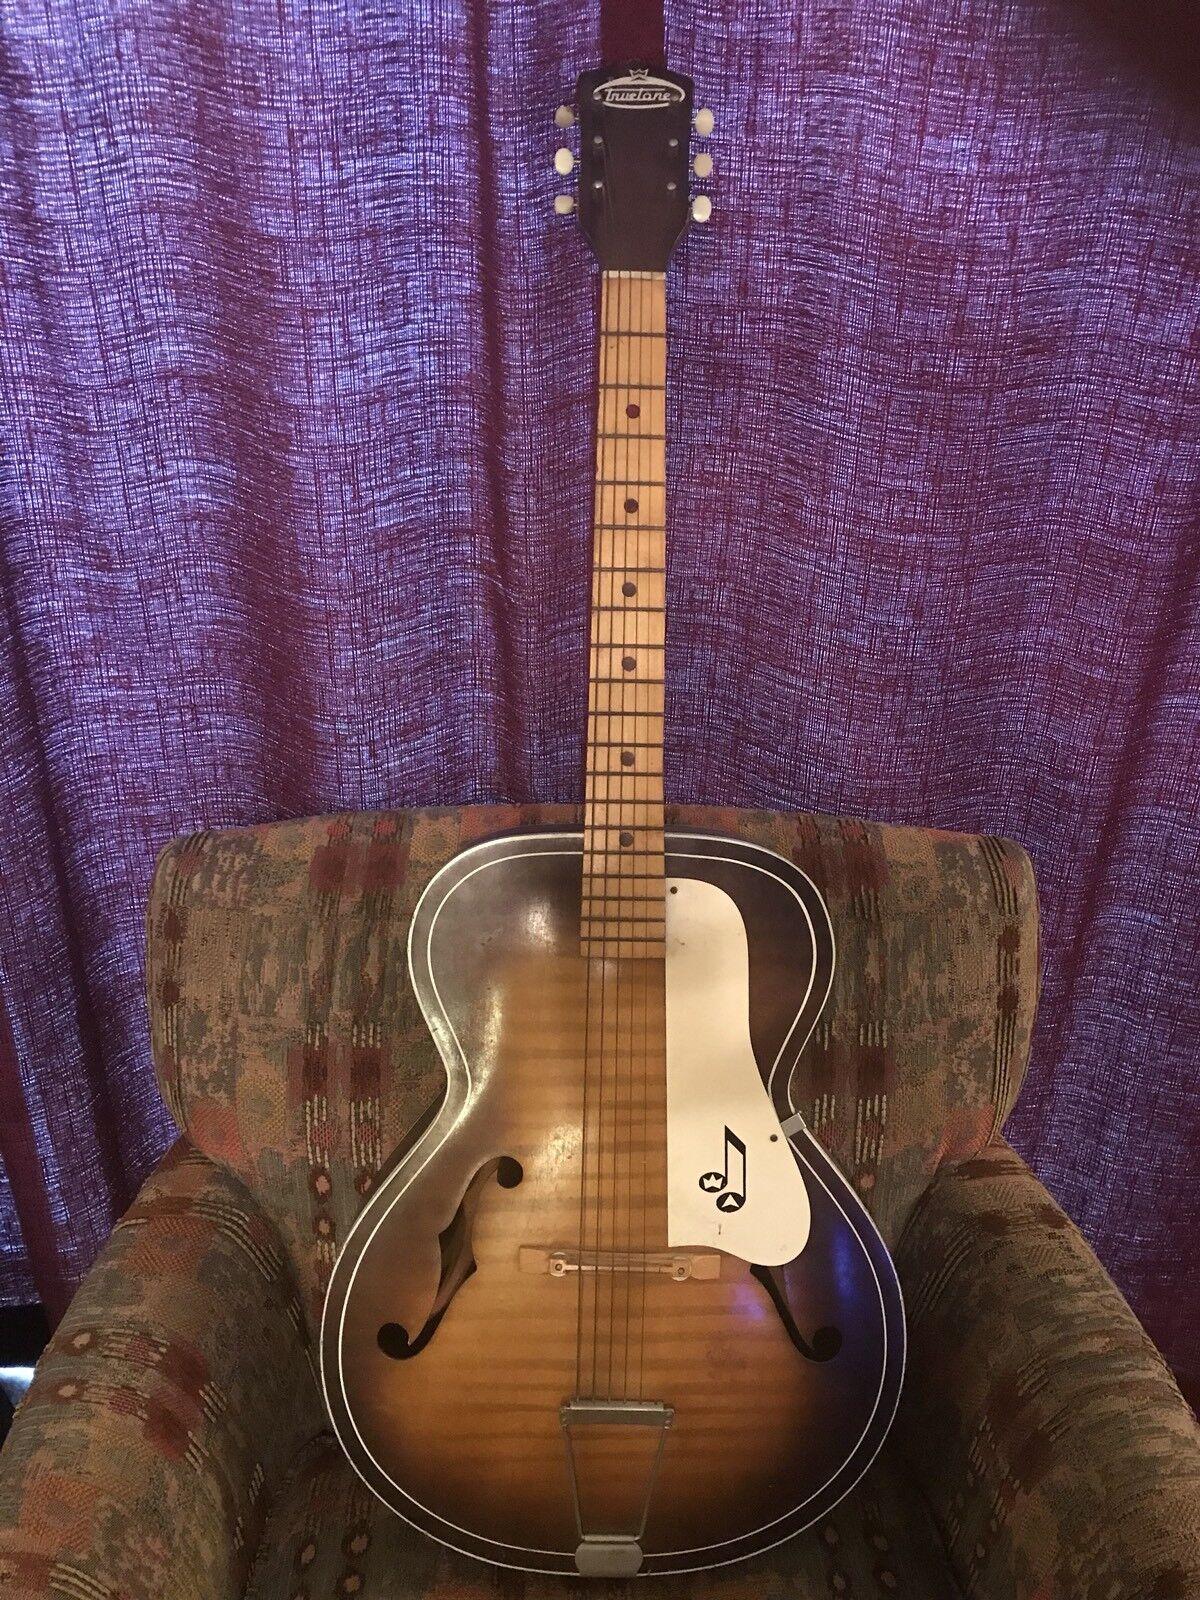 Vintage archtop guitar Kay Kay Kay truetone Western Auto Hecho en EE. UU. Raro  Venta en línea precio bajo descuento